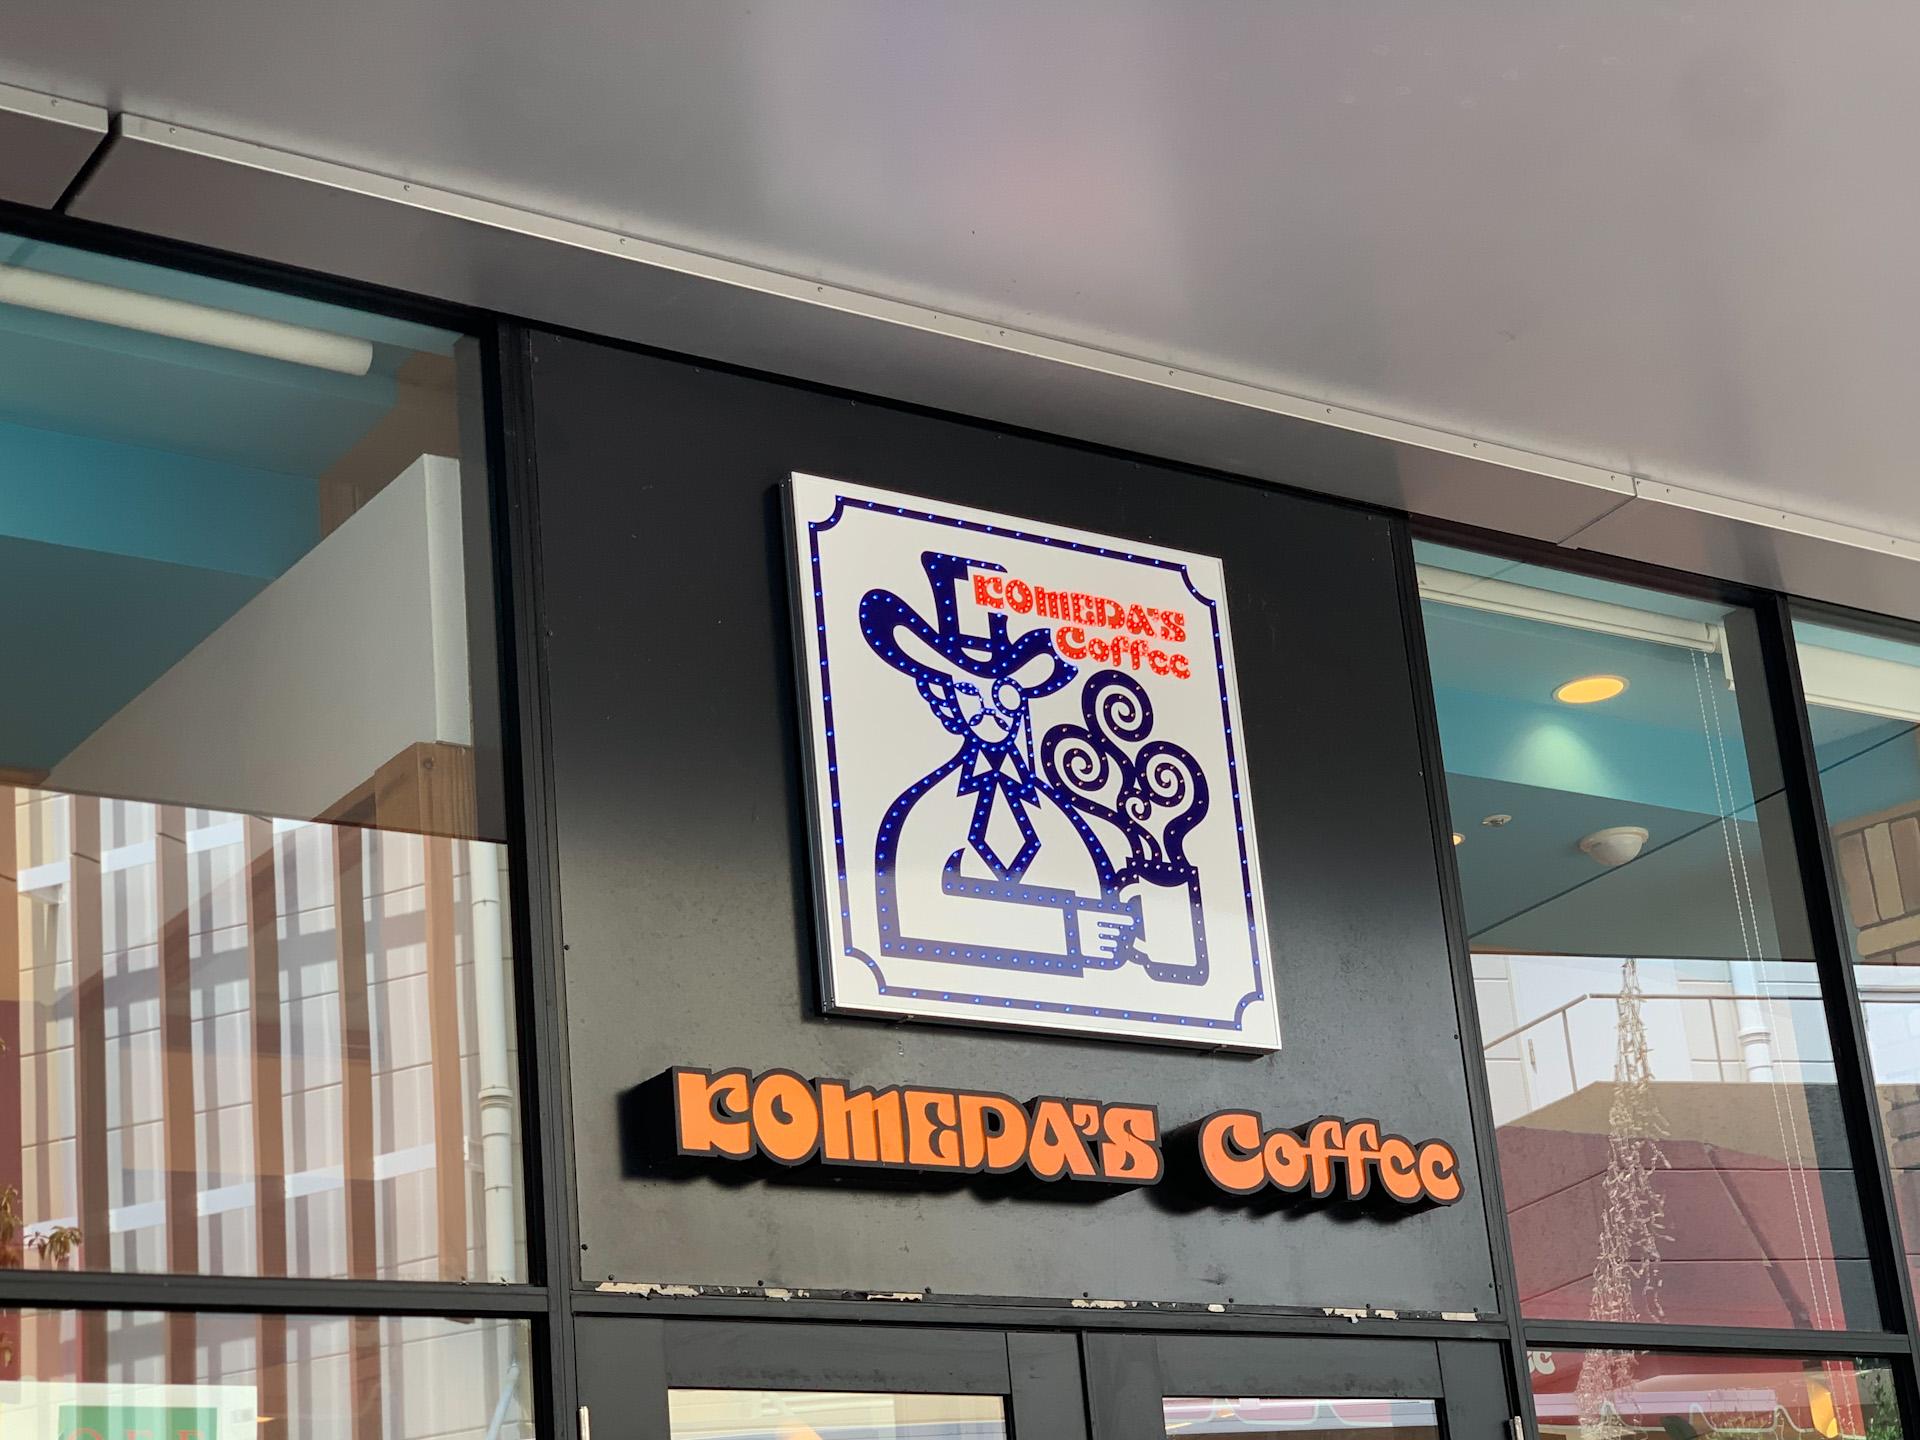 【コメダ珈琲店】横浜市周辺の店舗情報まとめ!おすすめの店舗は?